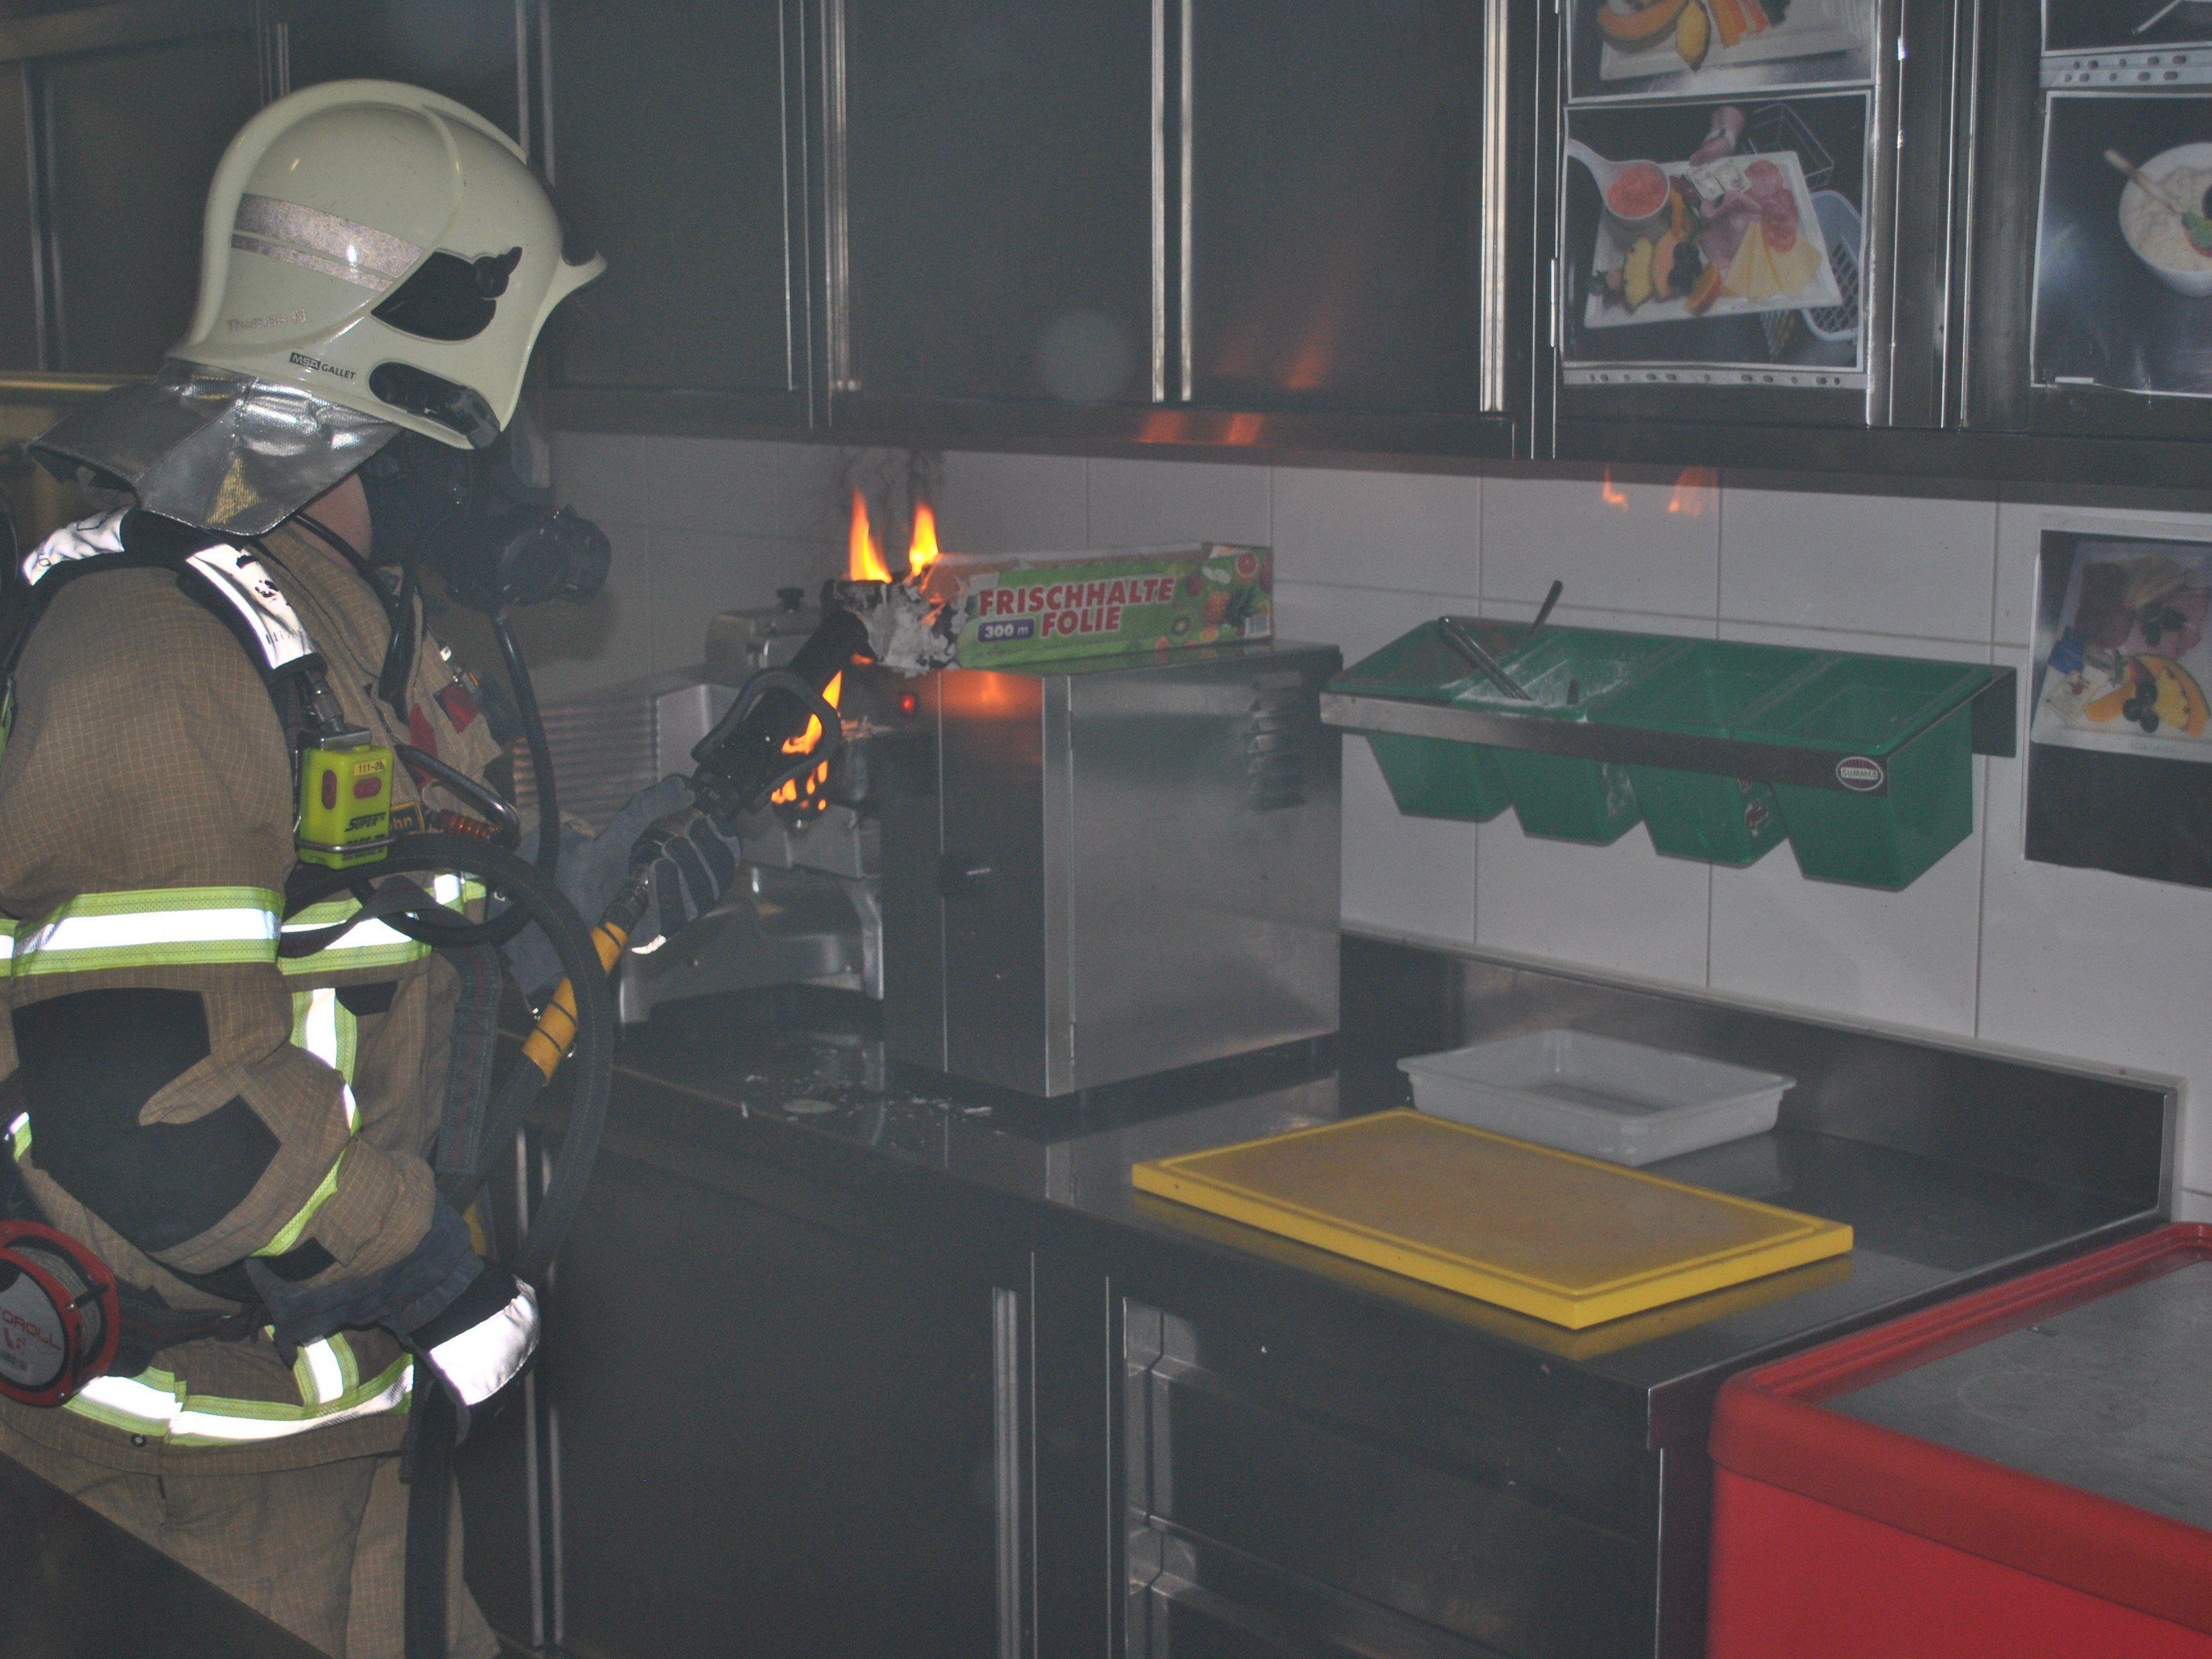 Das Feuer war rasch gelöscht, der Sachschaden hält sich in Grenzen.